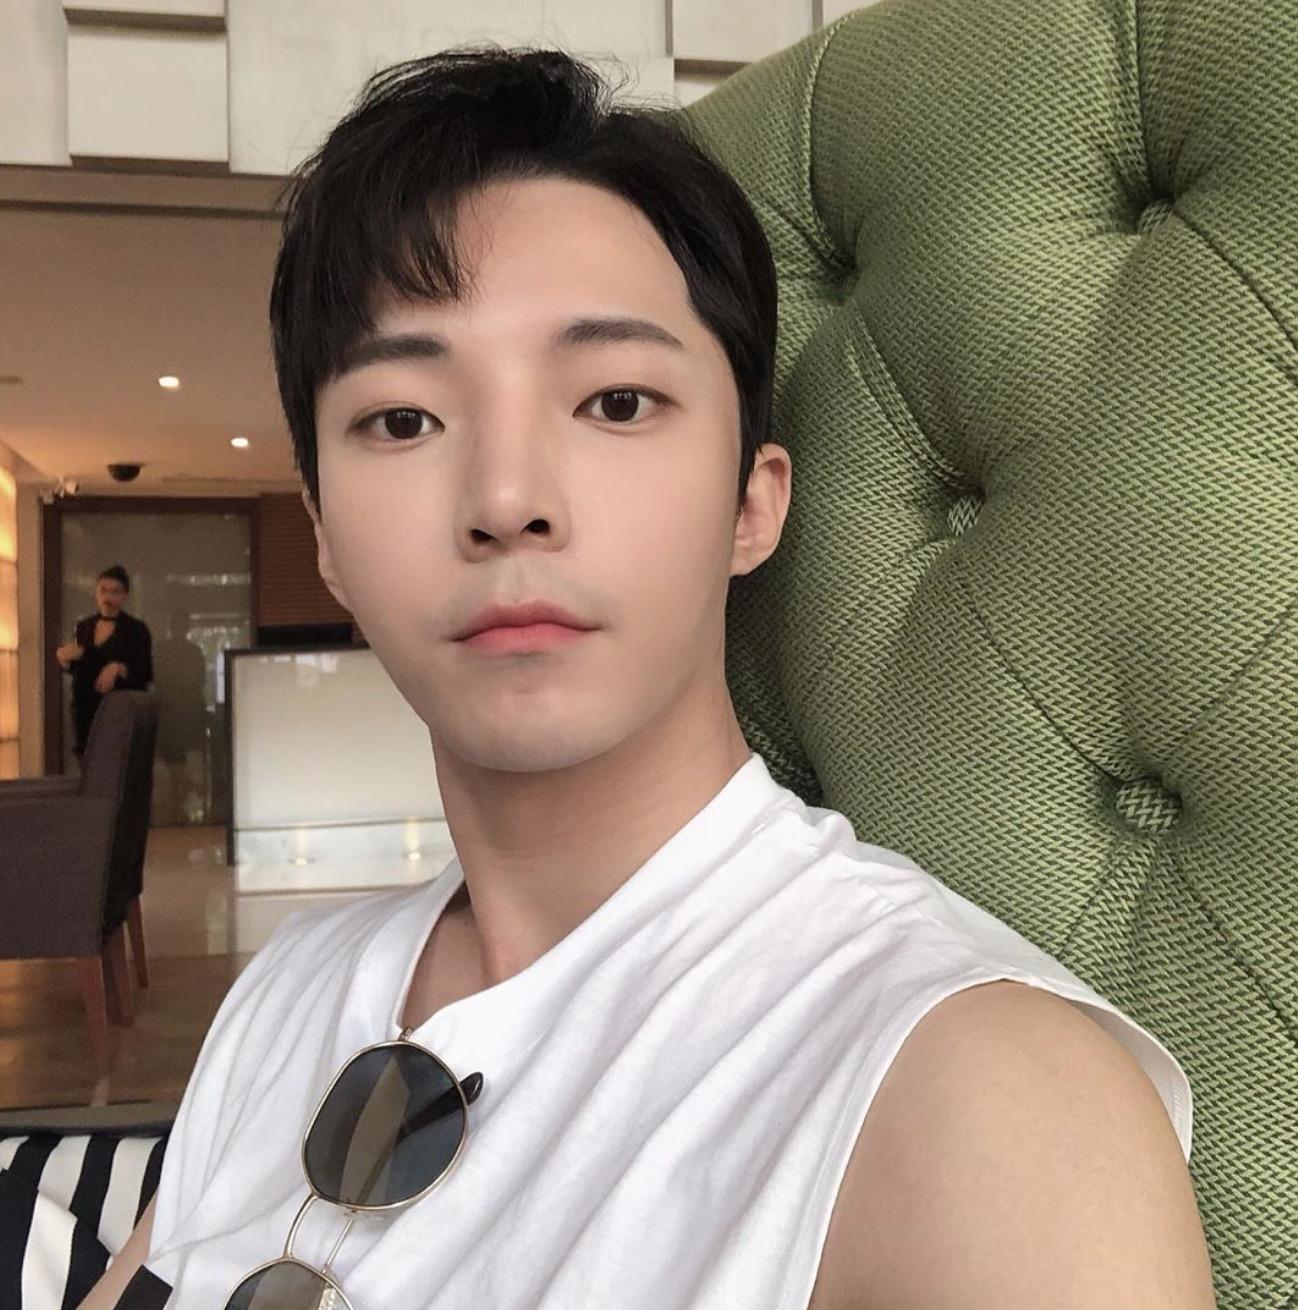 韓國彩妝師李昀熹透露最近韓妞間流傳的好皮膚秘訣